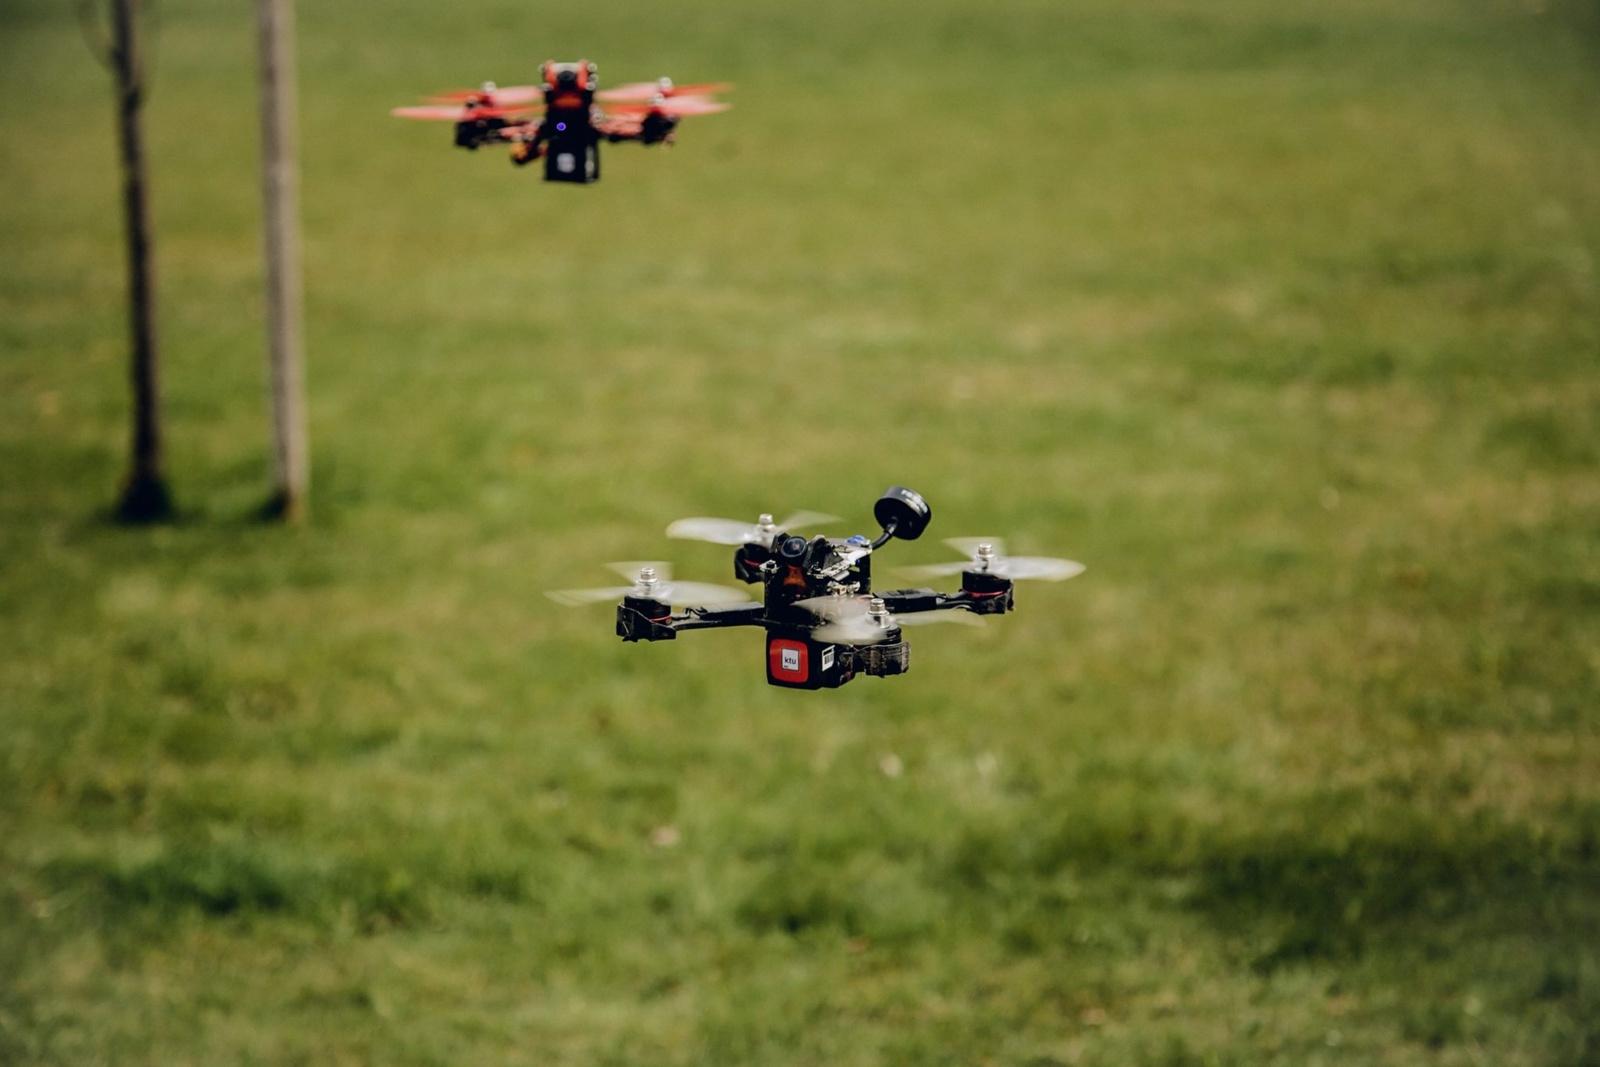 Dronų lenktynės jaunimui – ir pramoga, ir pažintis su žmogaus gerovei skirtomis technologijomis